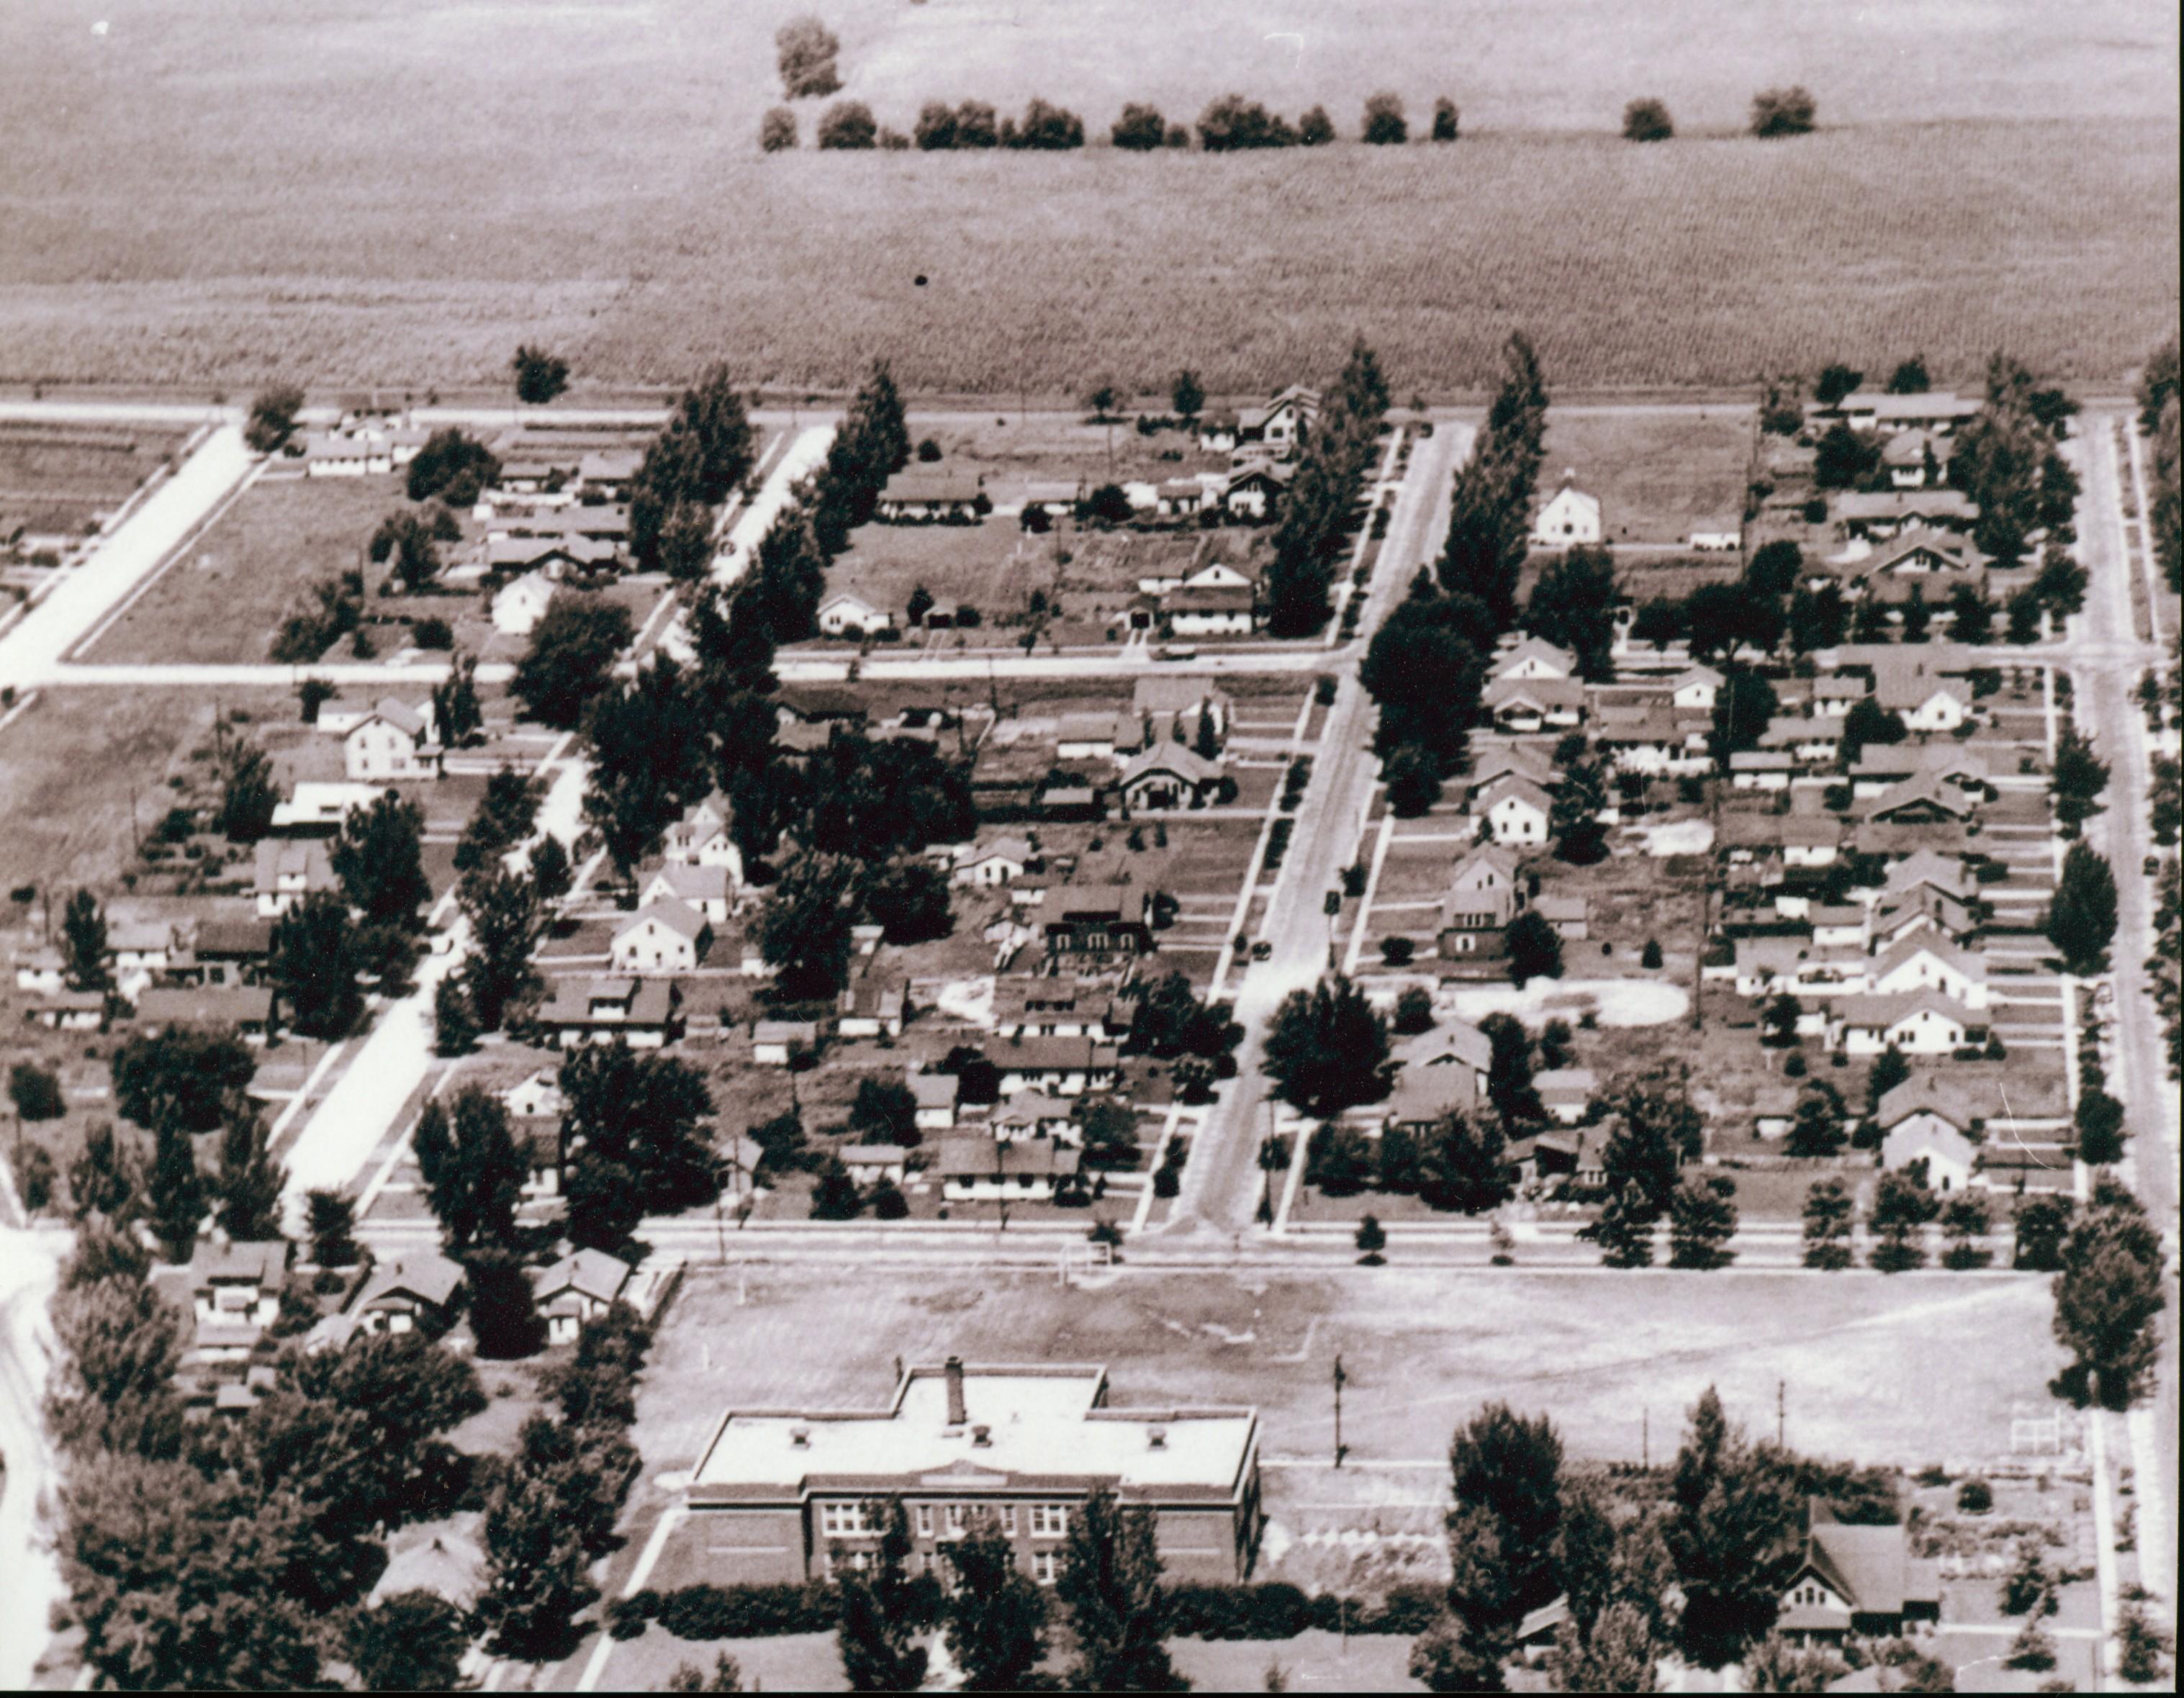 1938_roosevelt_aerial_thirteenth_street_ftb_165.919.1.jpg